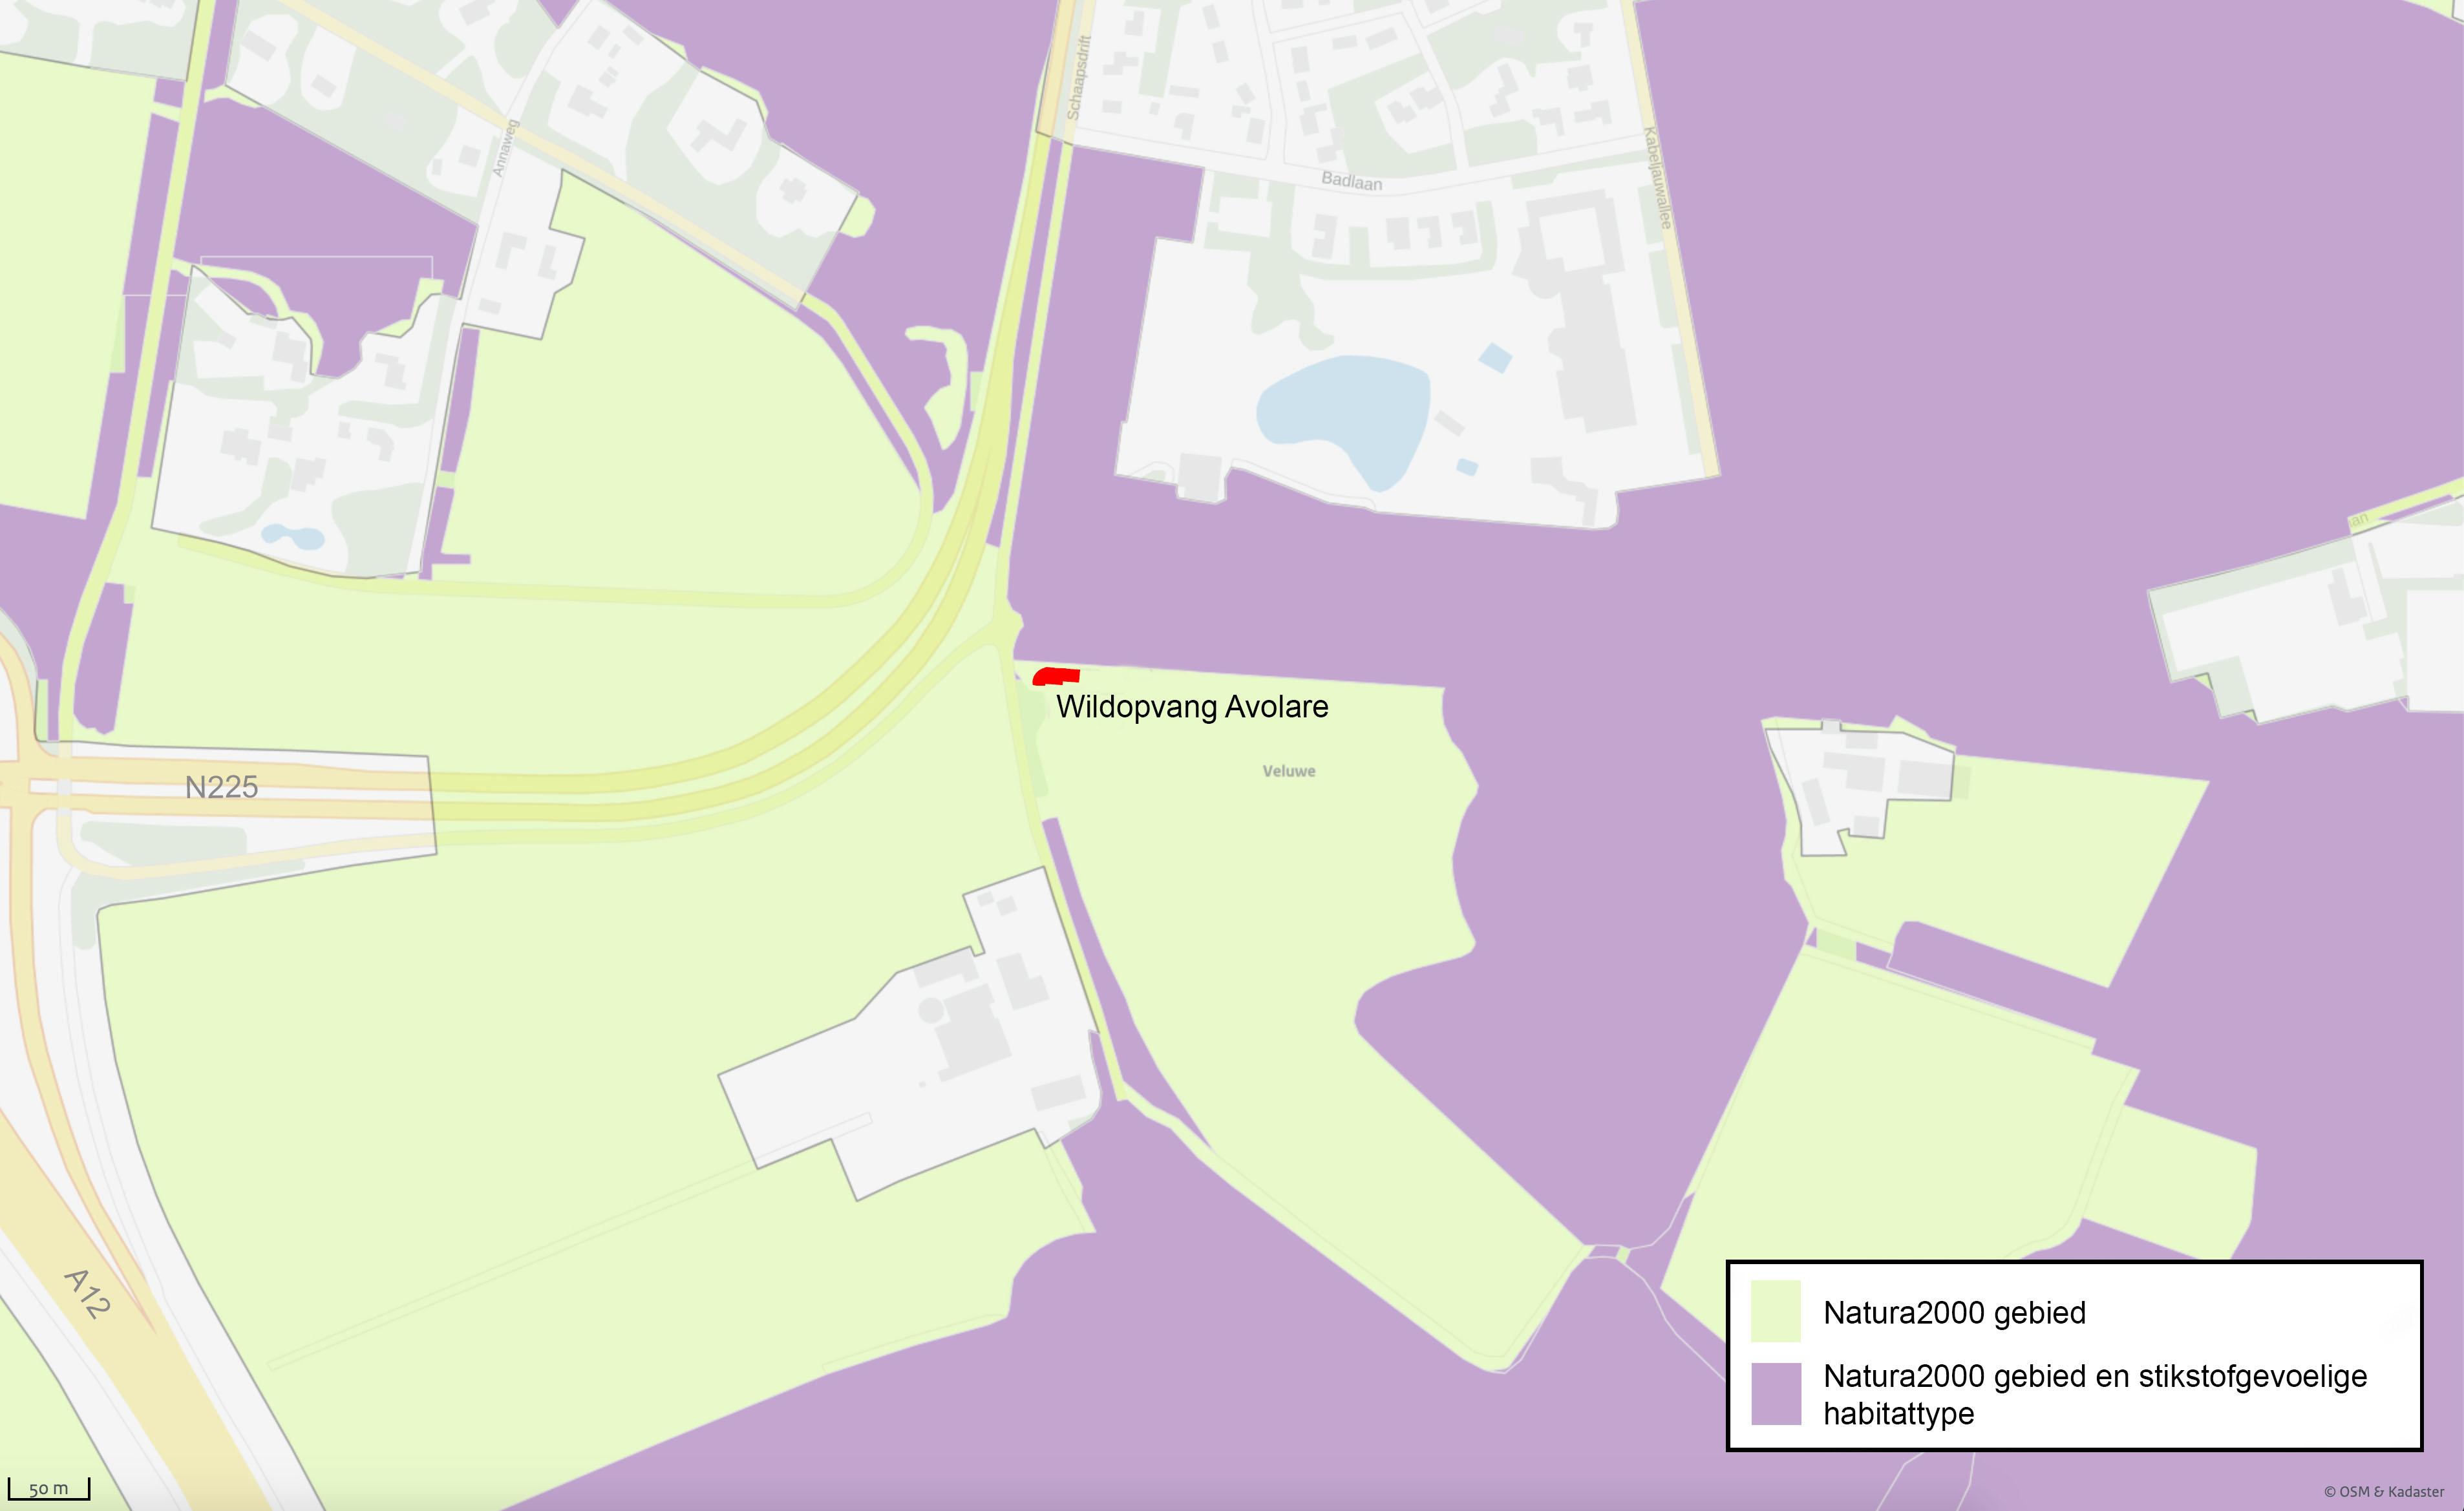 Kadasterkaart Natura 2000 Wildopvang Avolare